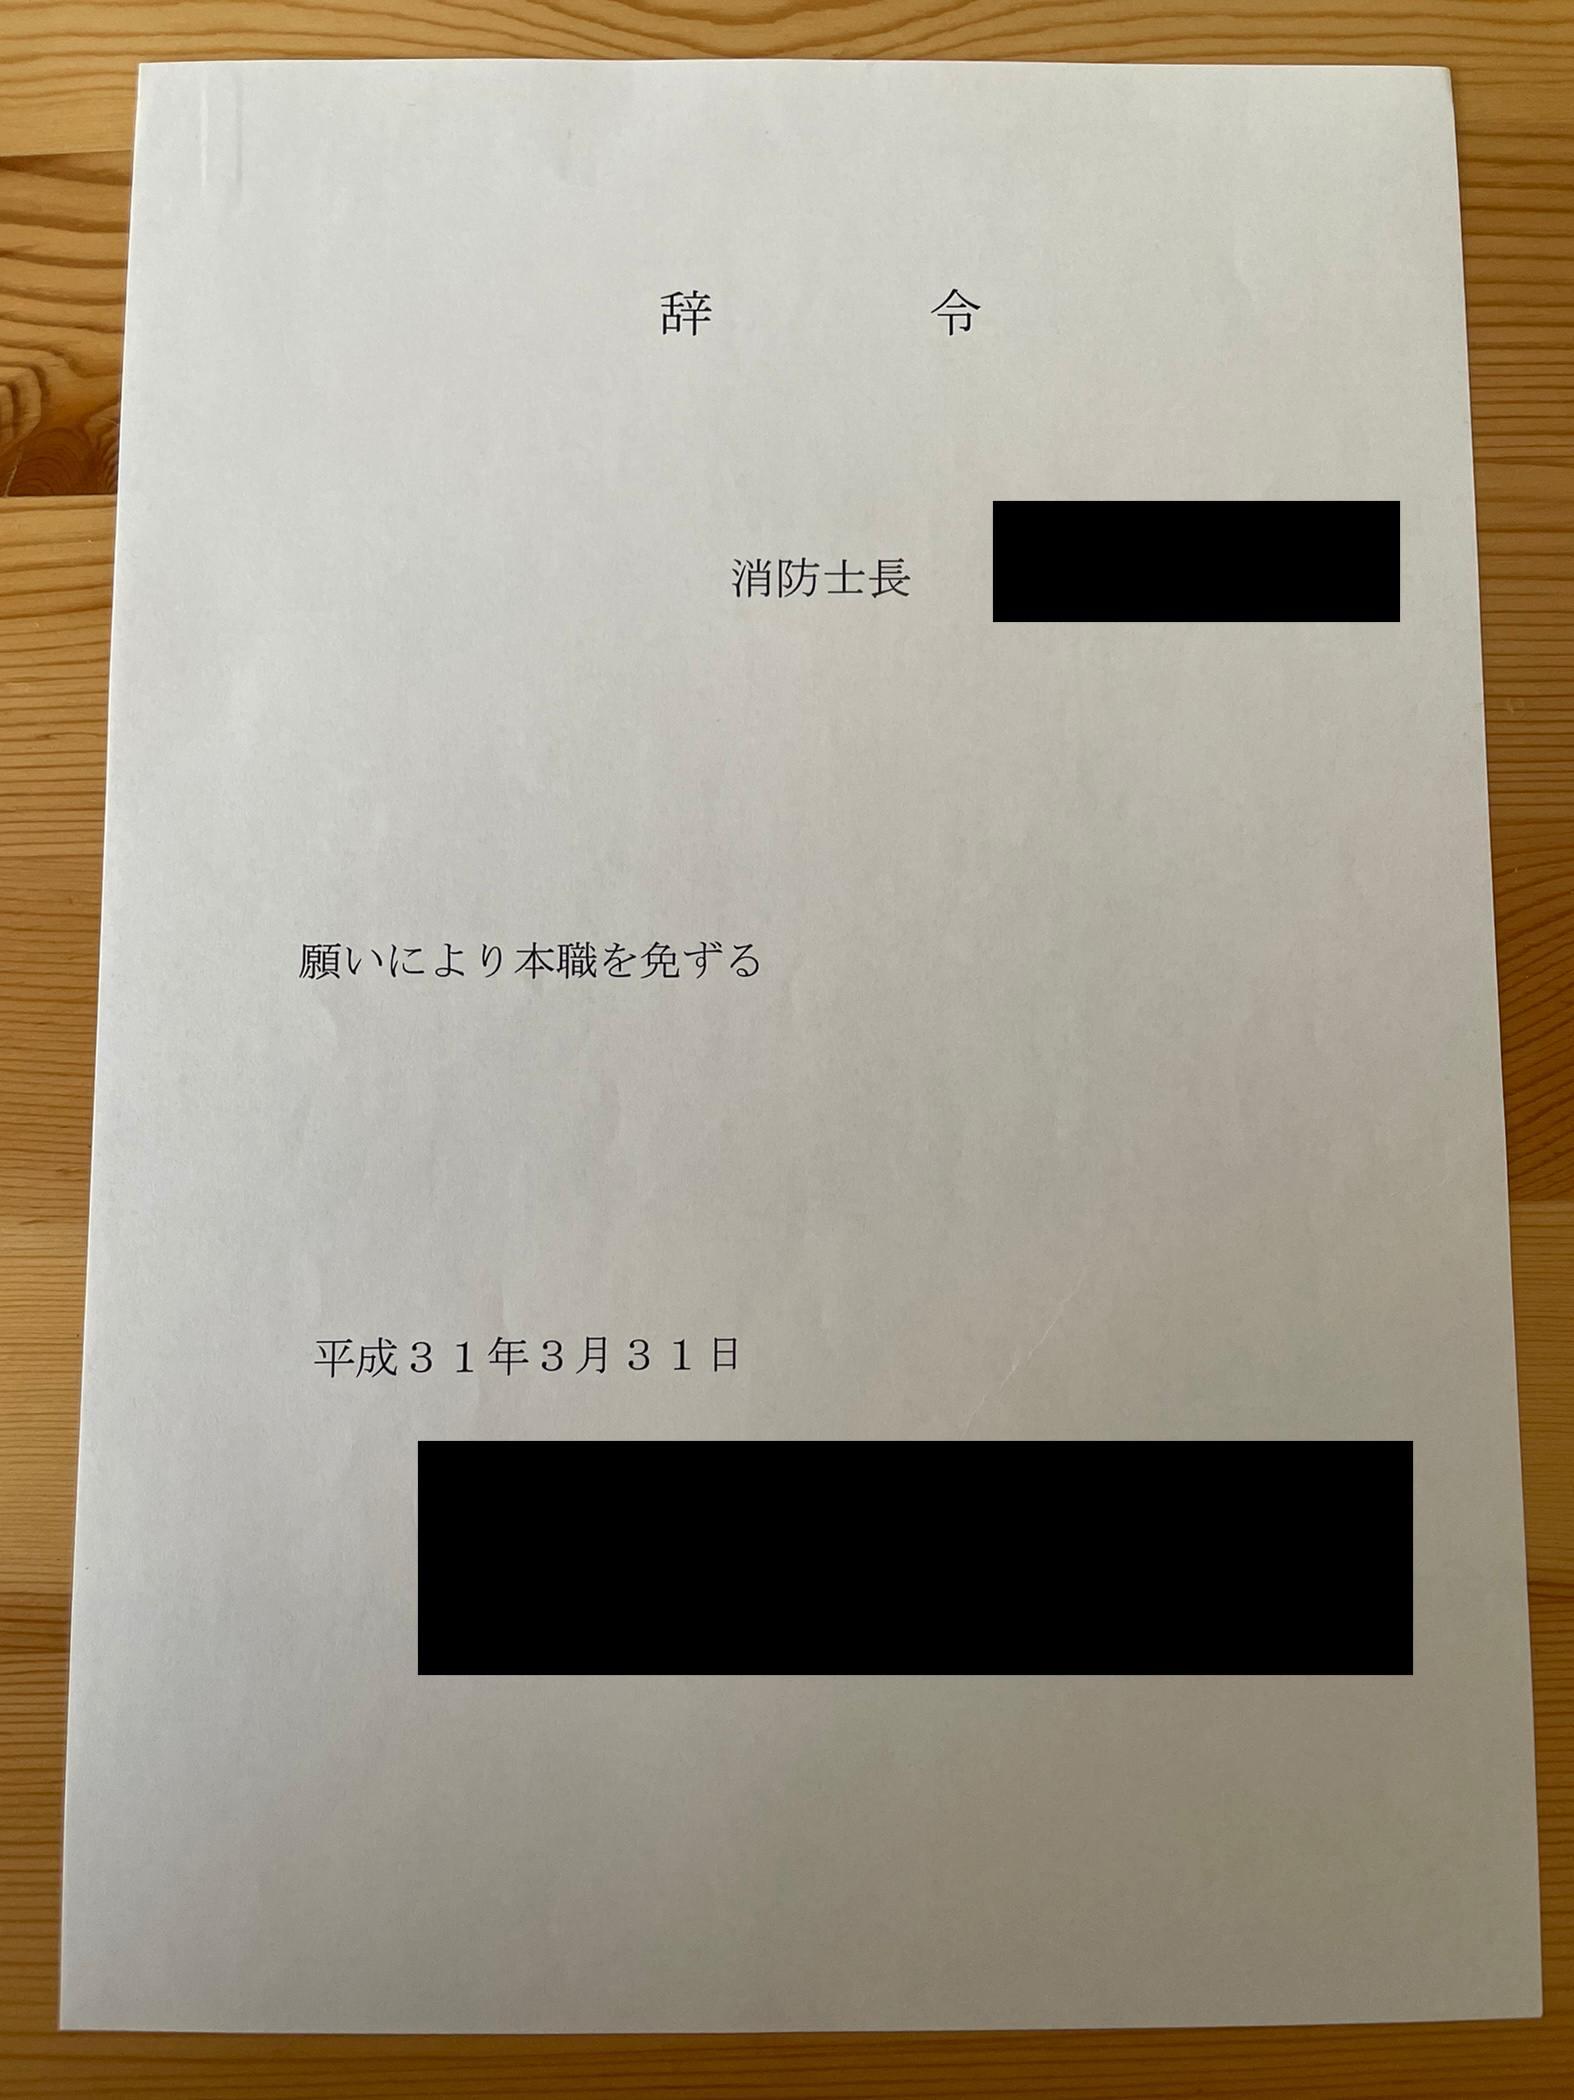 消防士長の退職の辞令